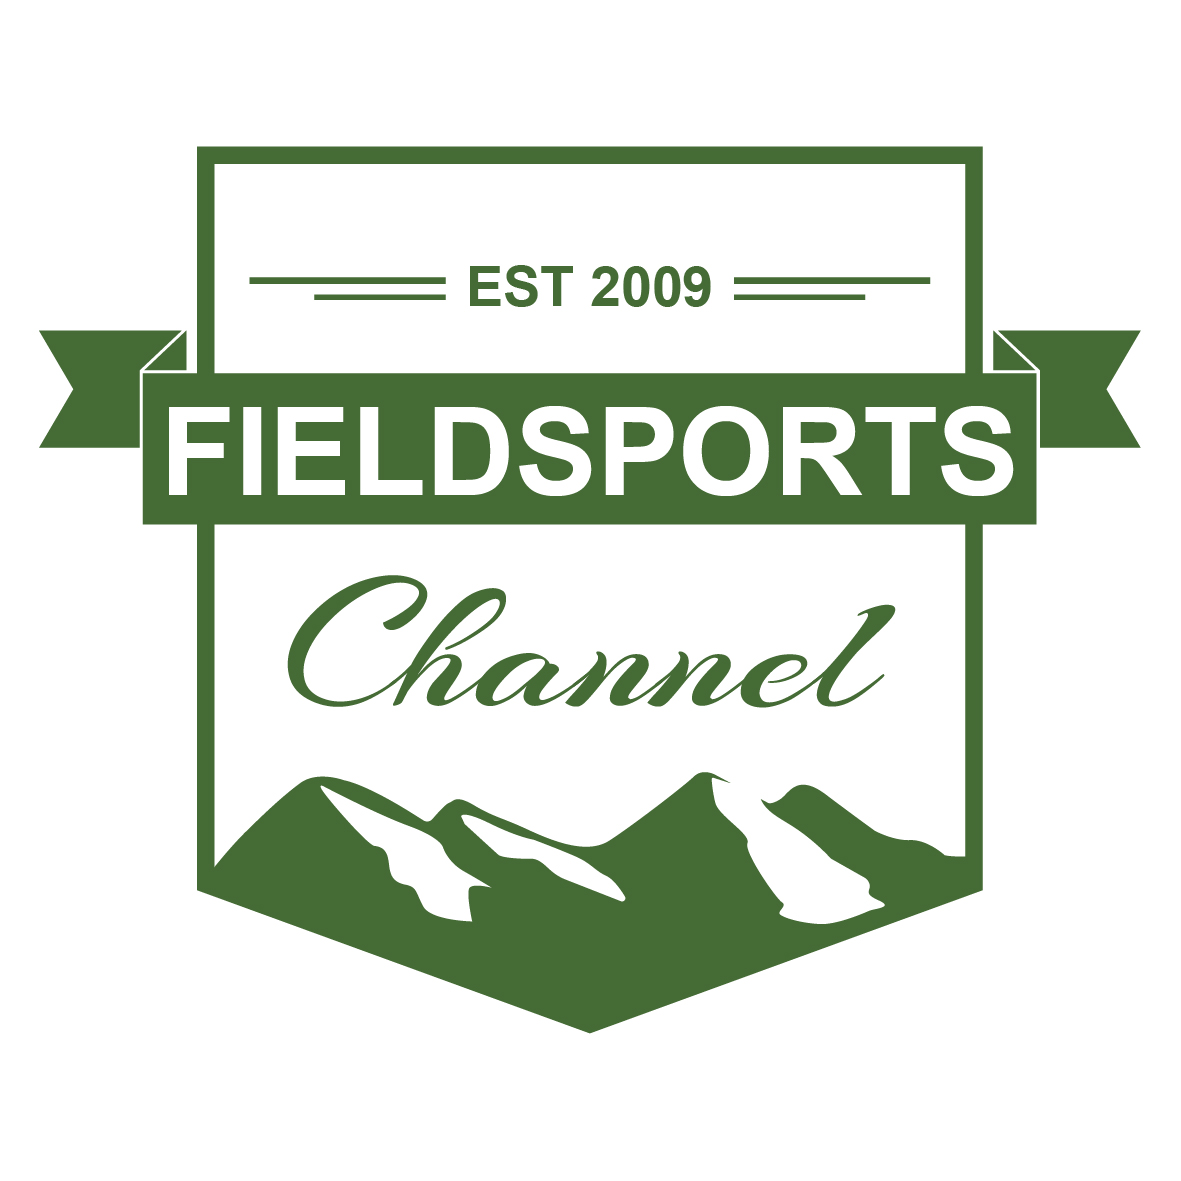 Fieldsports Channel TV logo